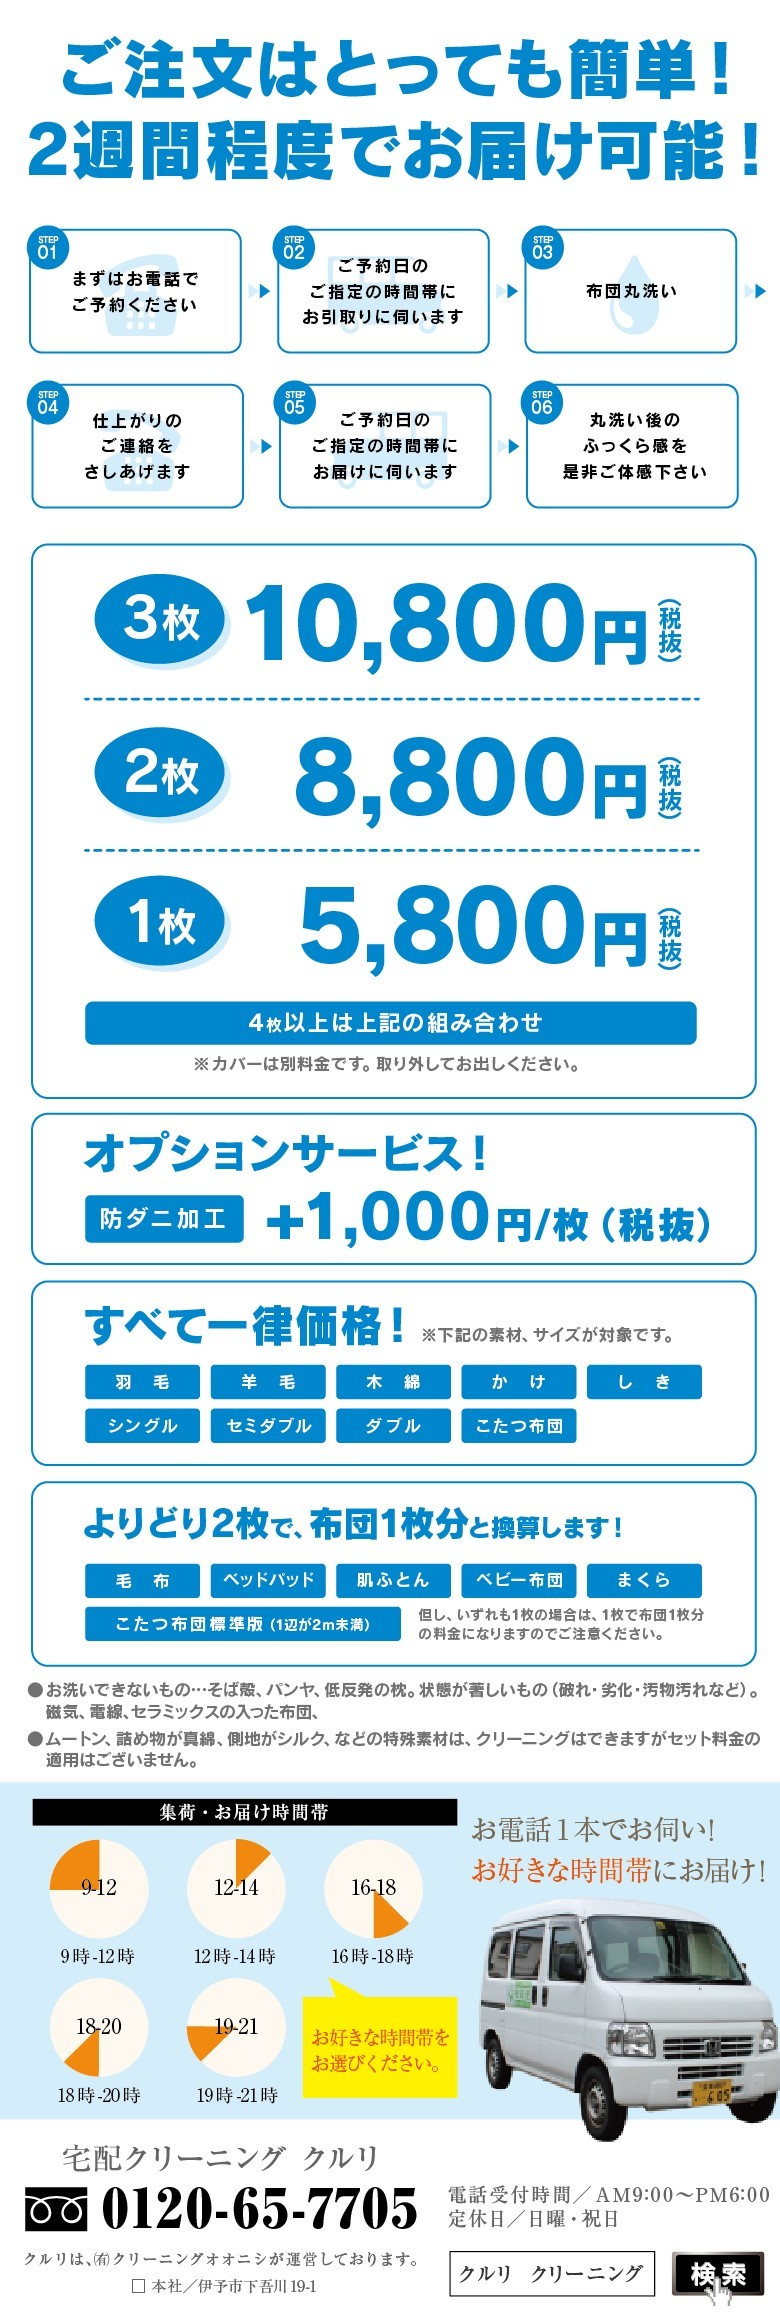 2020松山市の布団クリーニングキャンペーンウラ